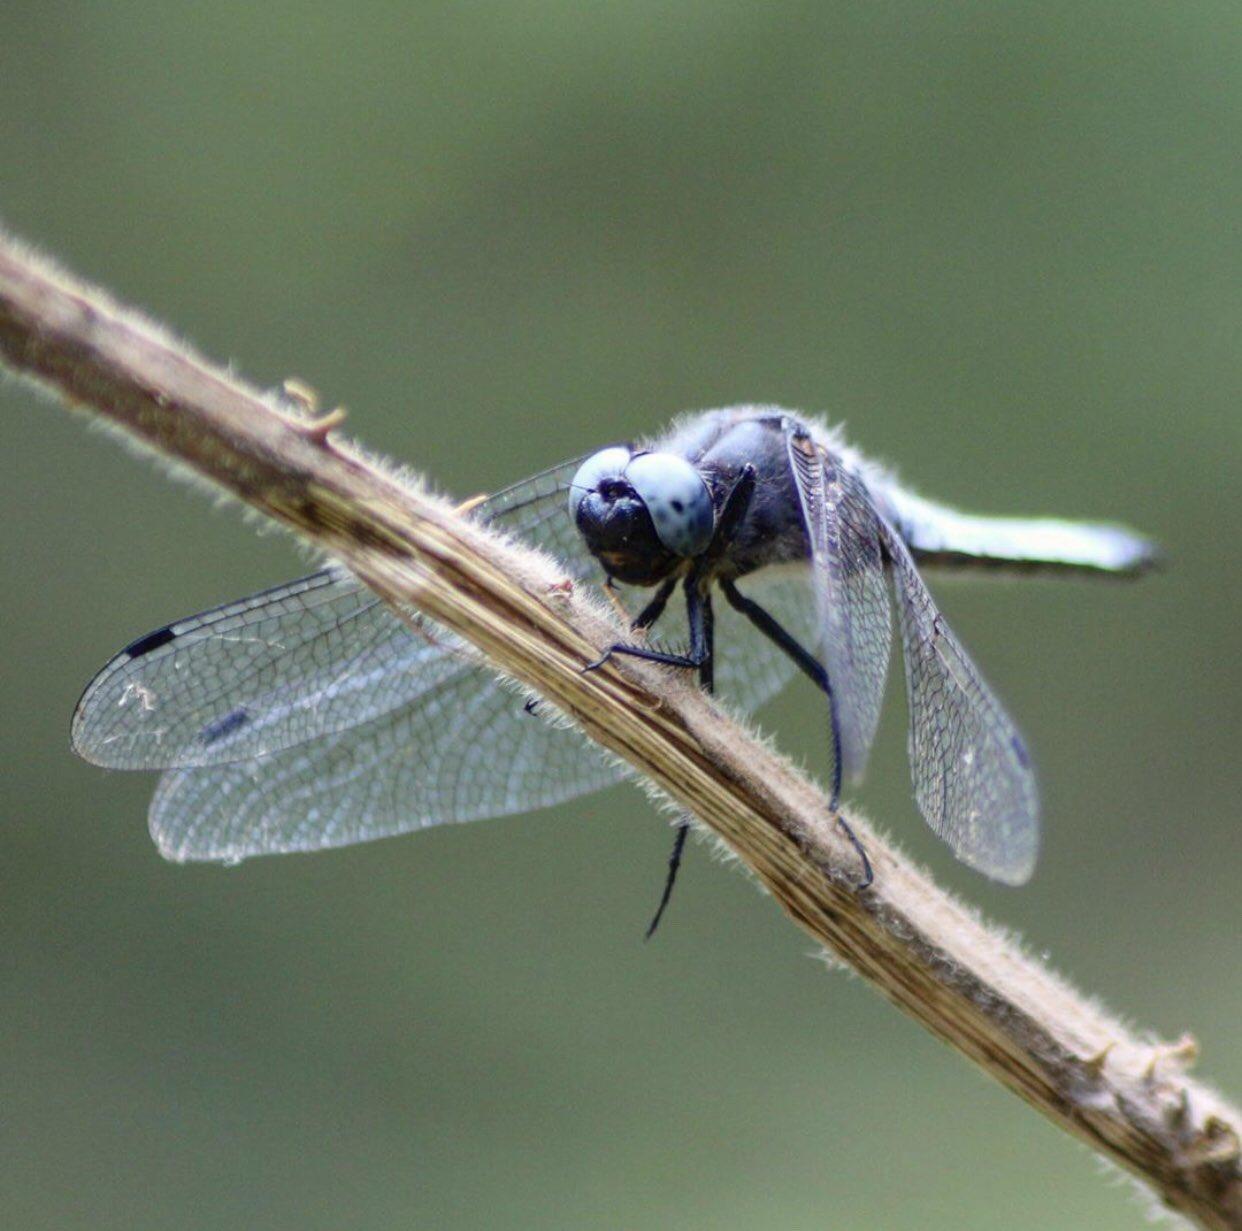 Yusufçuk böceği uzun gövdelere, şeffaf kanatlara ve büyük gözlere sahip böceklerdir.Halk arasında Helikopter böceği olarak da bilinirler. Anisoptera denilen bilimsel alt dizinin bir parçası olan 5.000'den fazla yusufçuk türü vardır.  Fotoğraf: @emrealtins https://t.co/X4i6Zu0Wcu